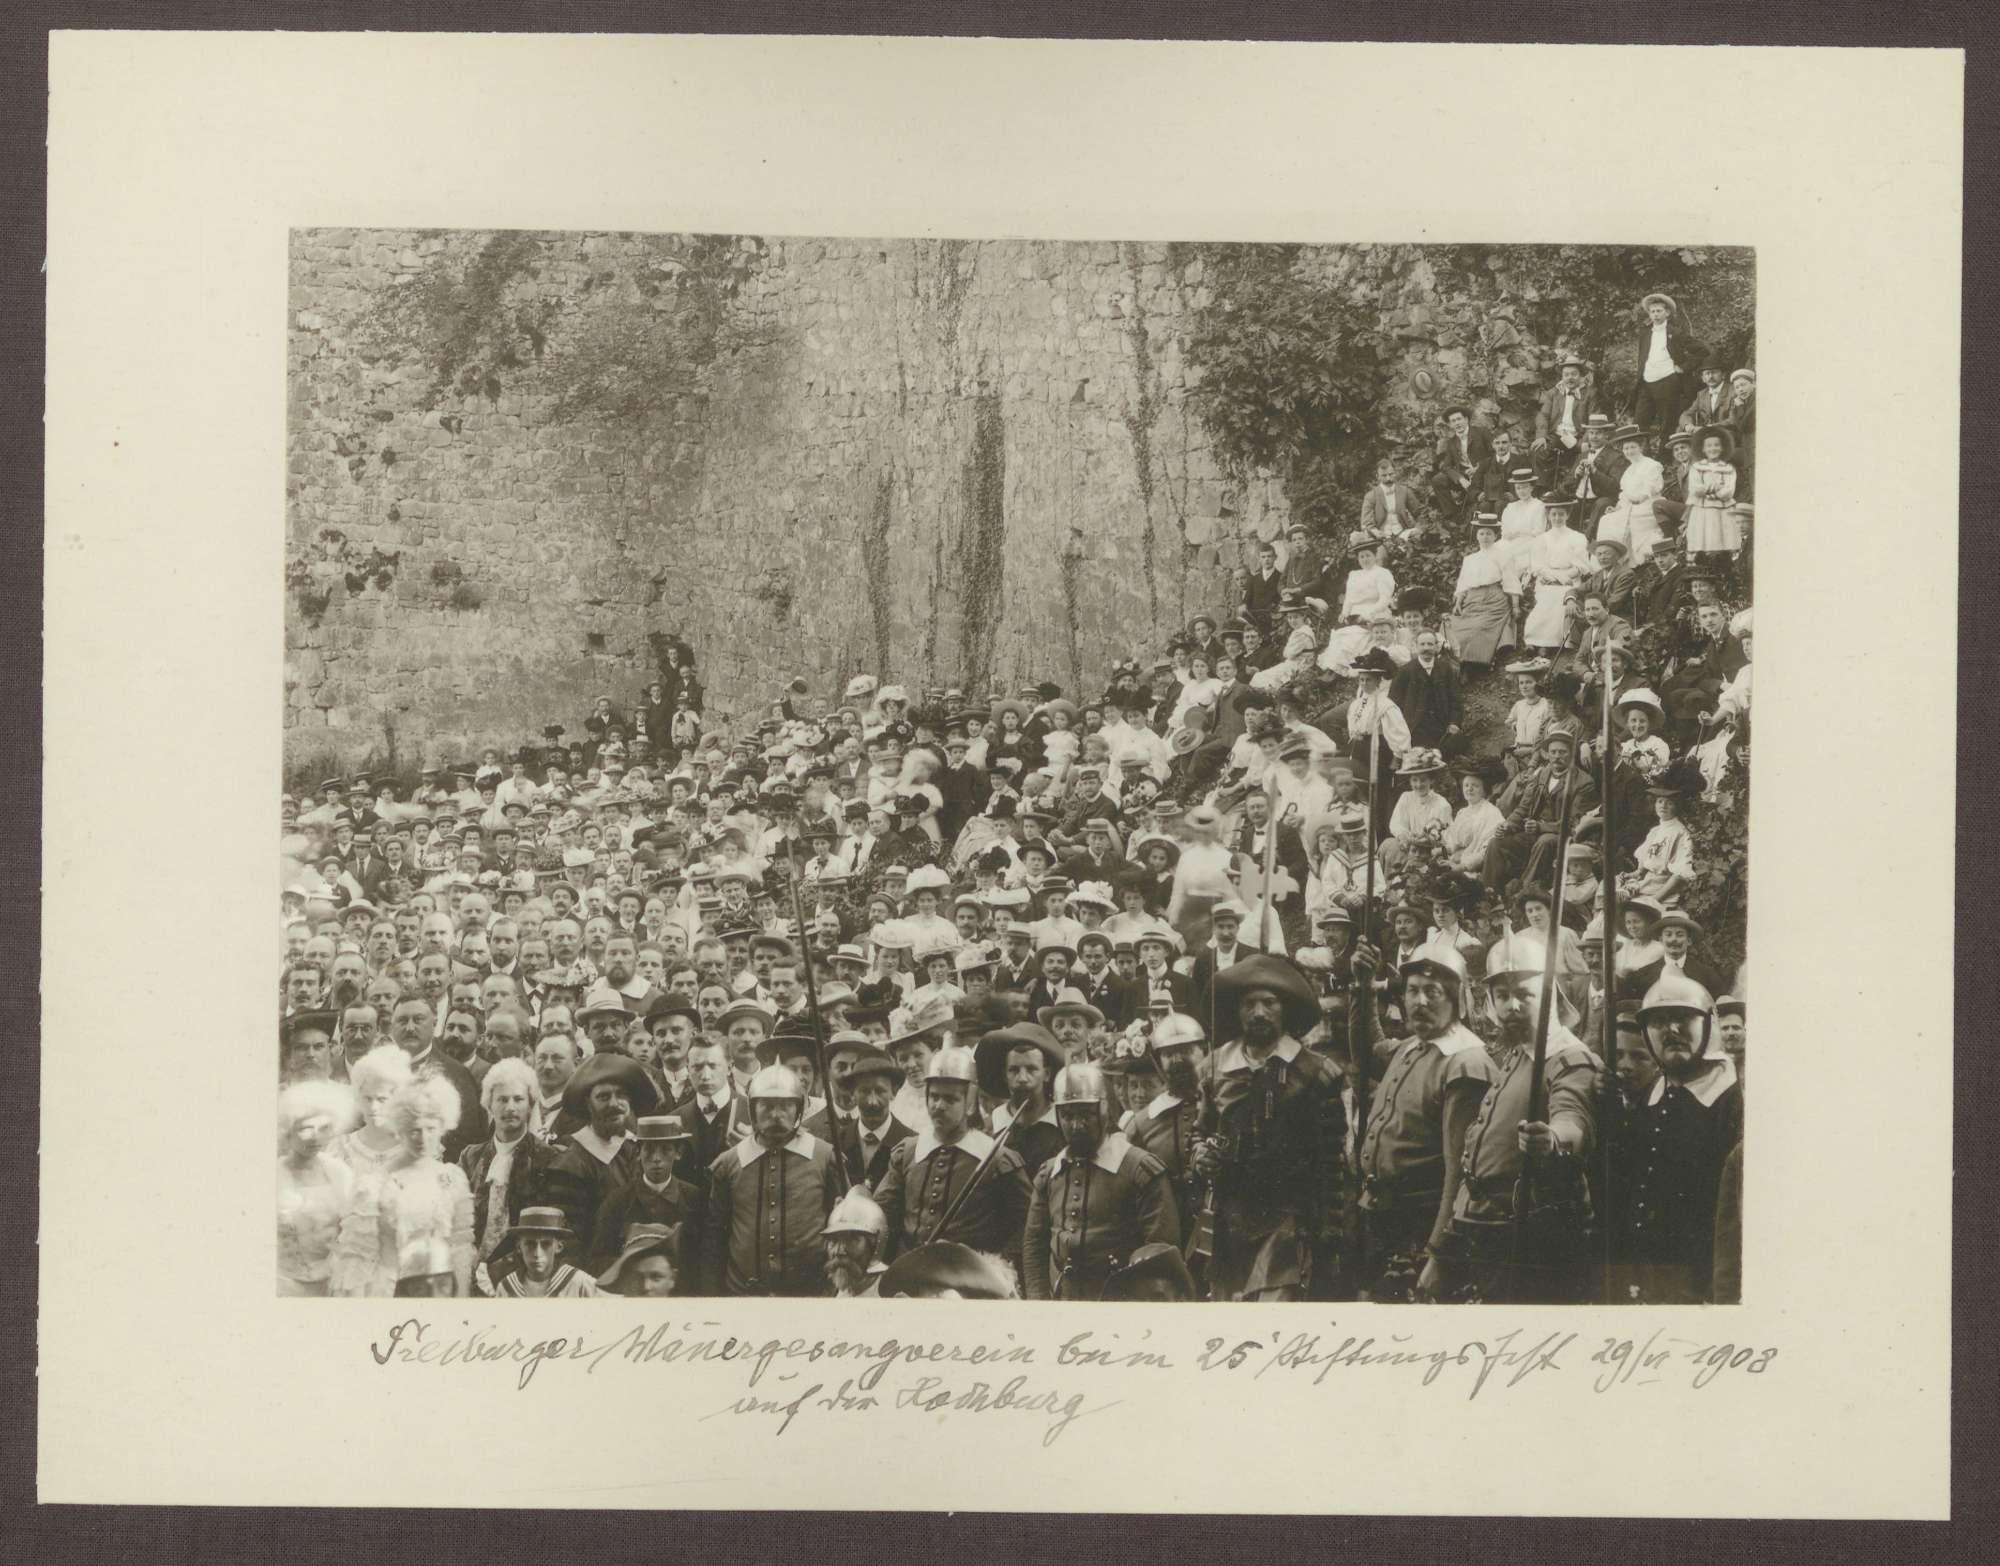 Freiburger Männergesangsverein beim 25. Stiftungsfest am 29.06.1908 auf der Hochburg, Bild 1